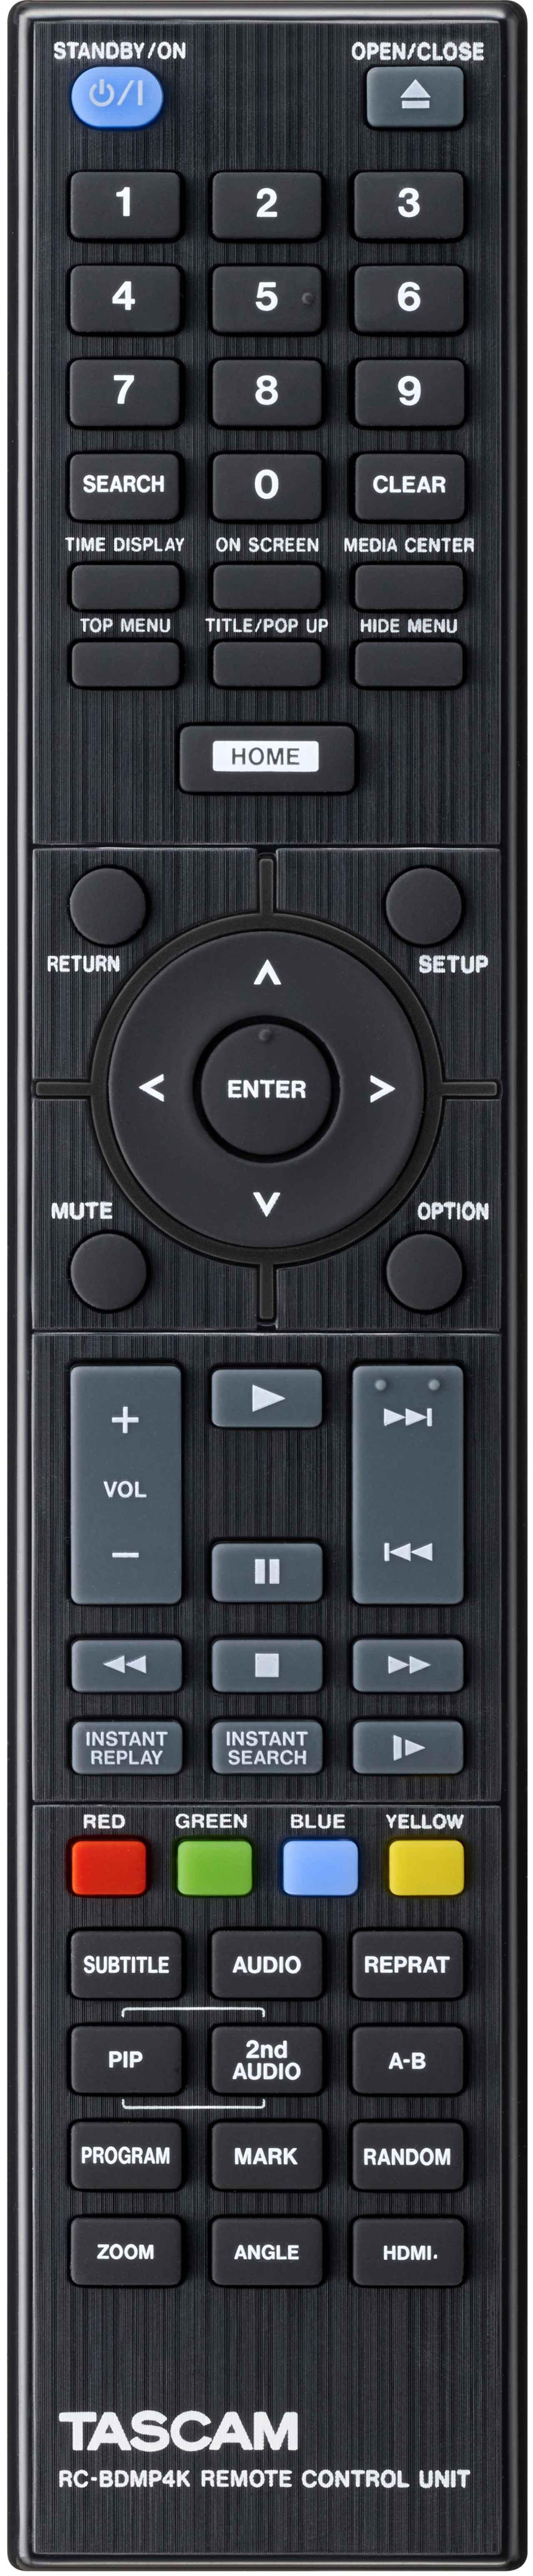 画像: リモコンはスタンダードな配置だが、スキップが縦並びでひとつのボタンになっていることが特徴で、親指の位置をほとんど変えずに操作できる